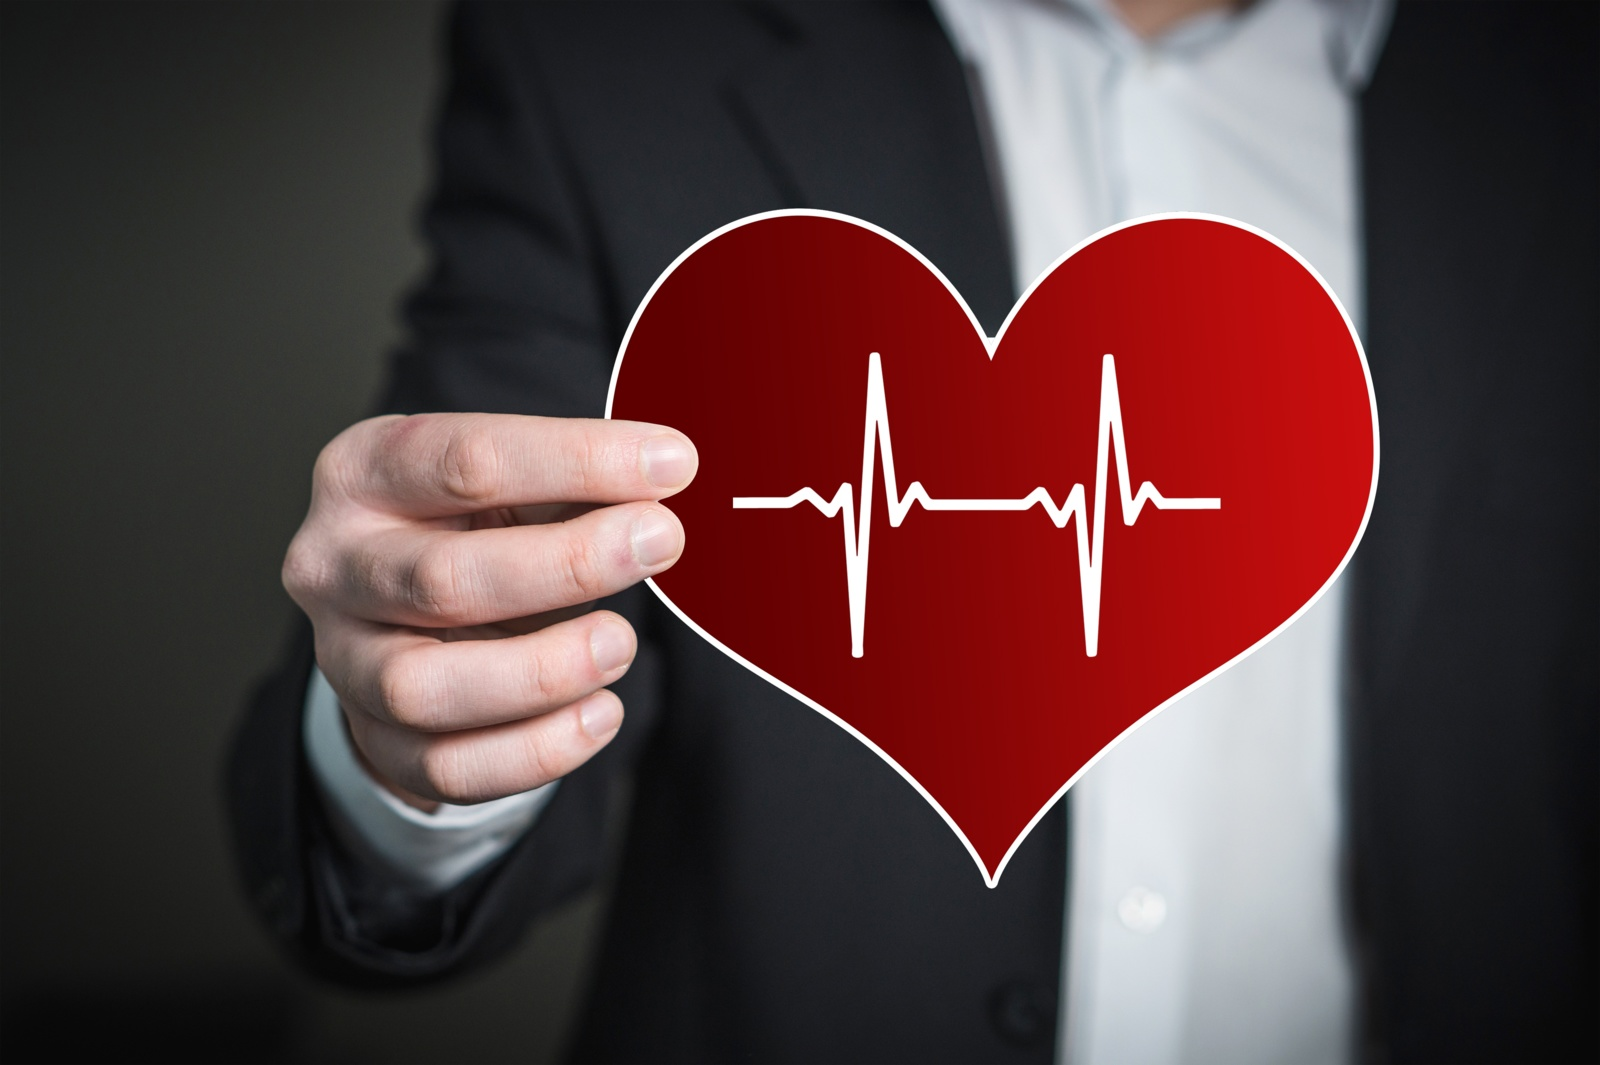 priemonės hipertenzijai gydyti Tinkama 1 stadijos hipertenzija